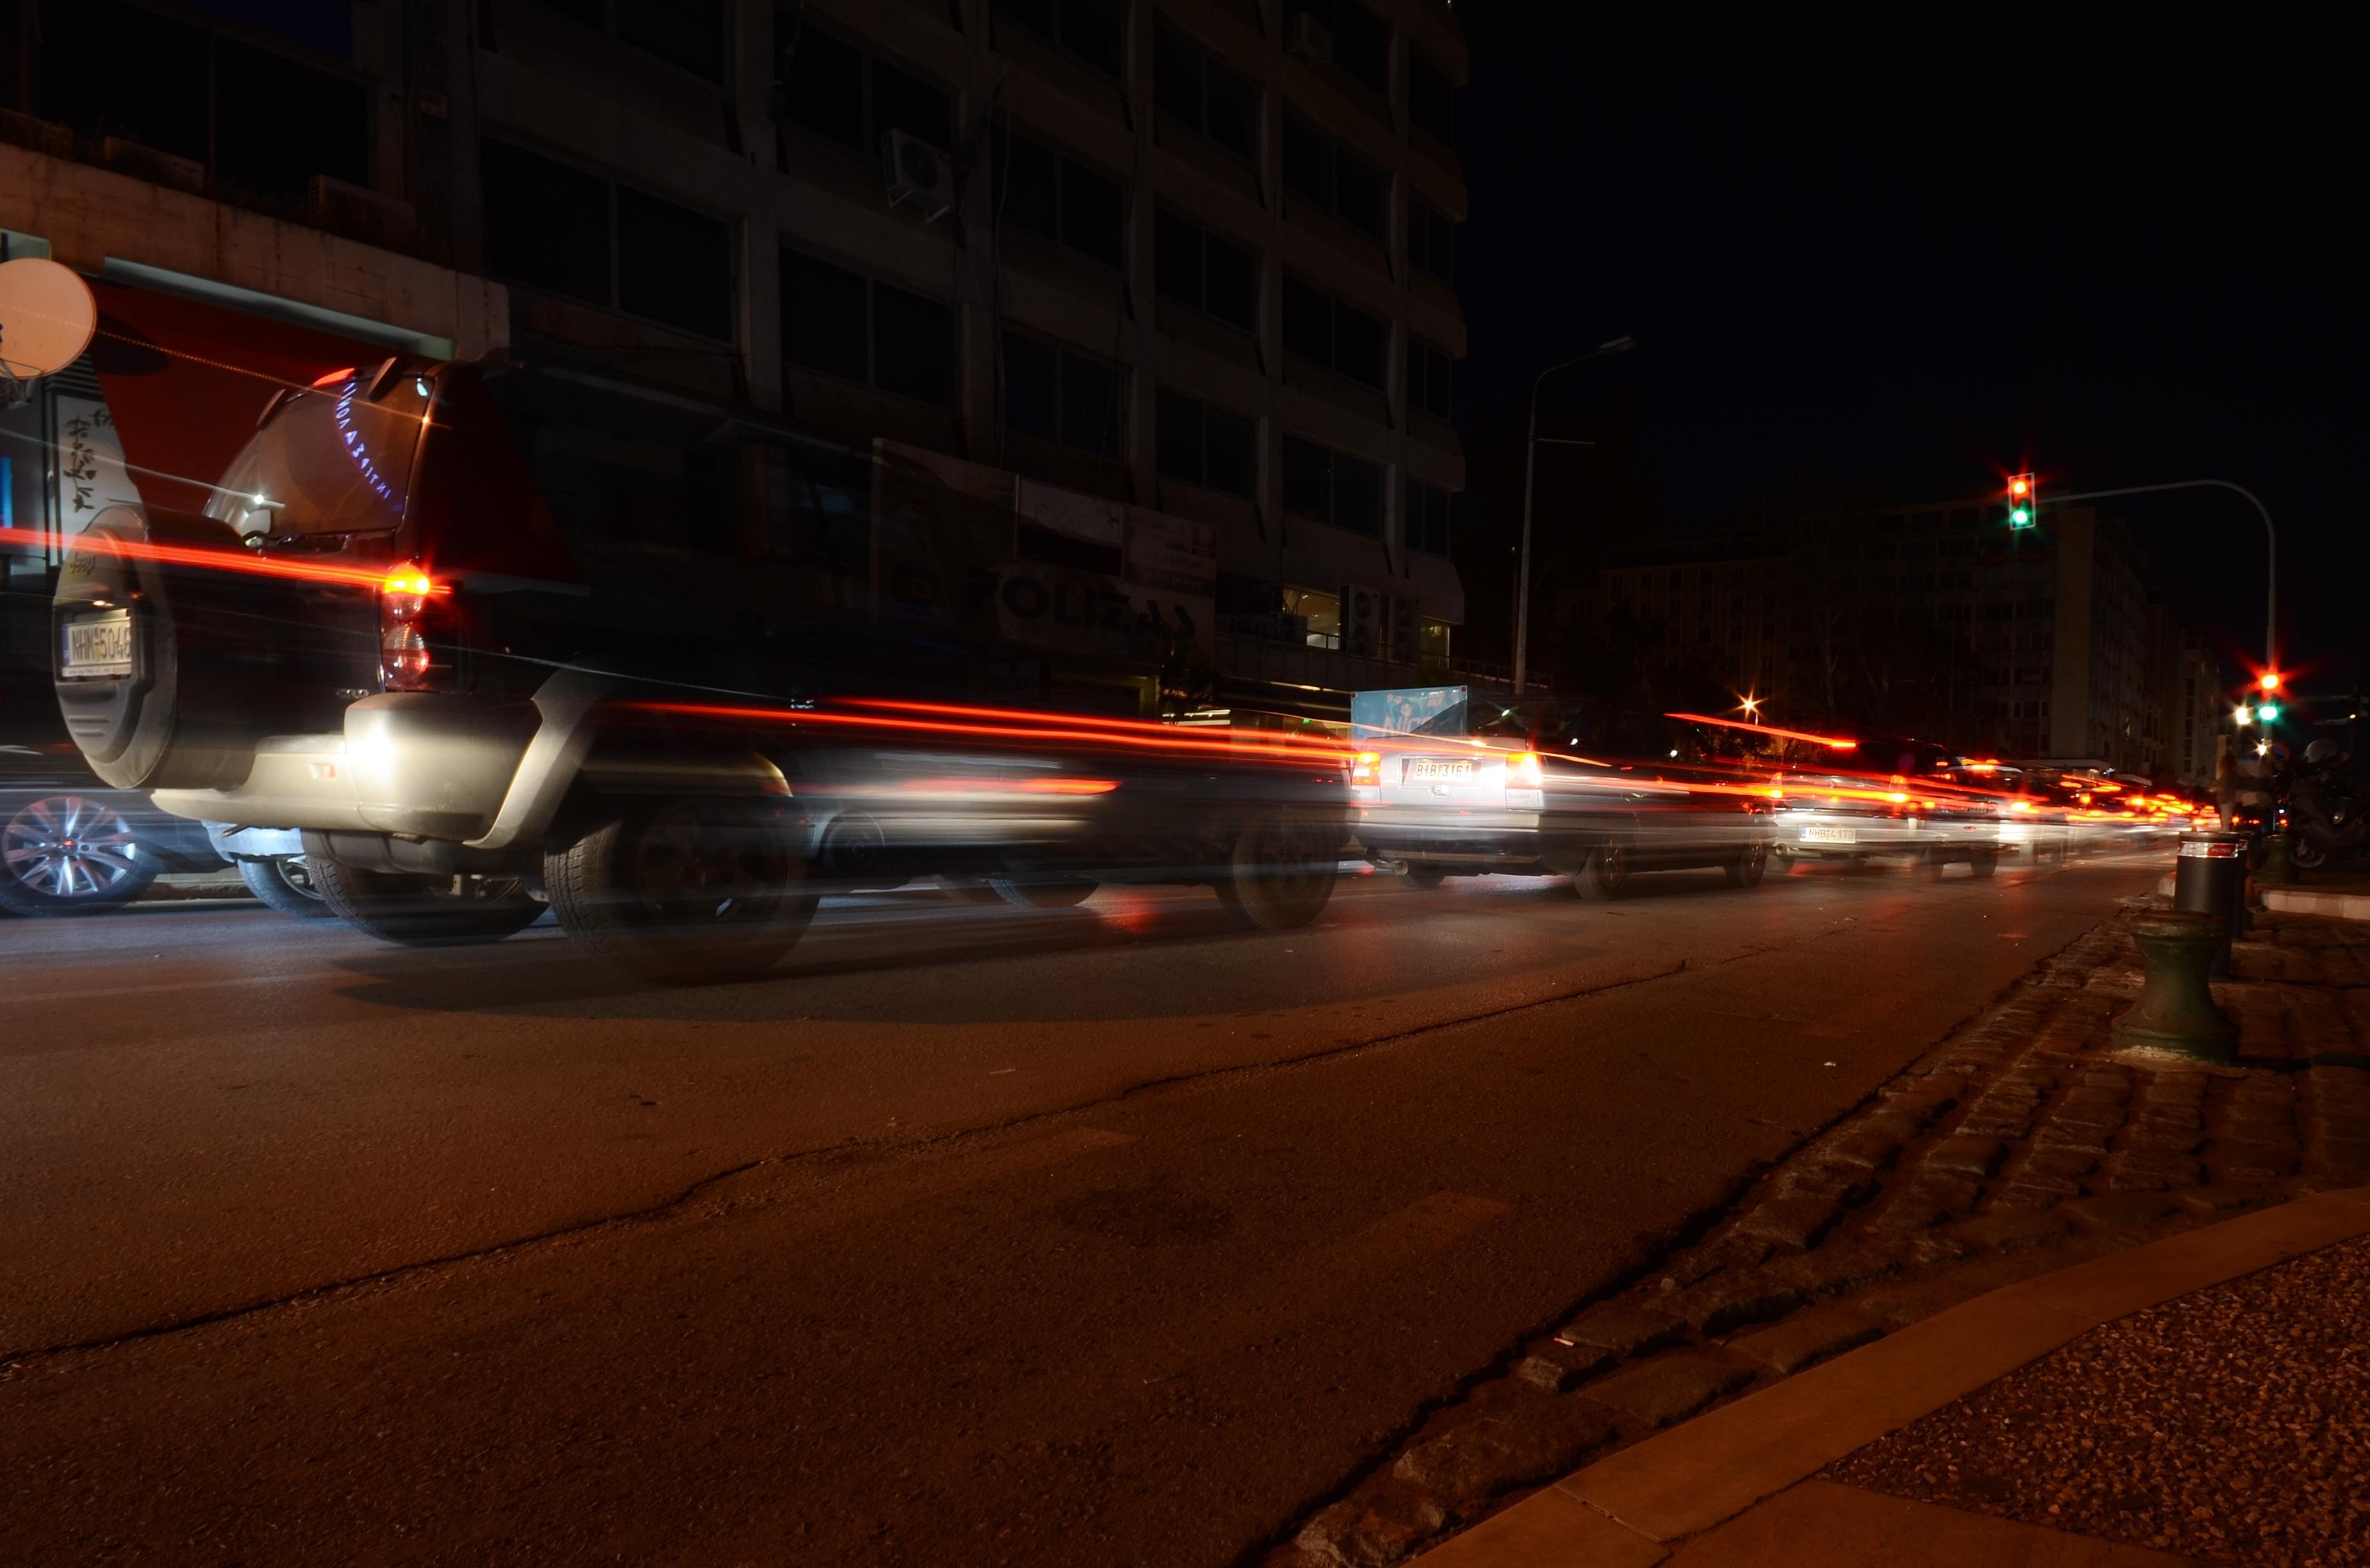 cars-long-exposure-night-3730